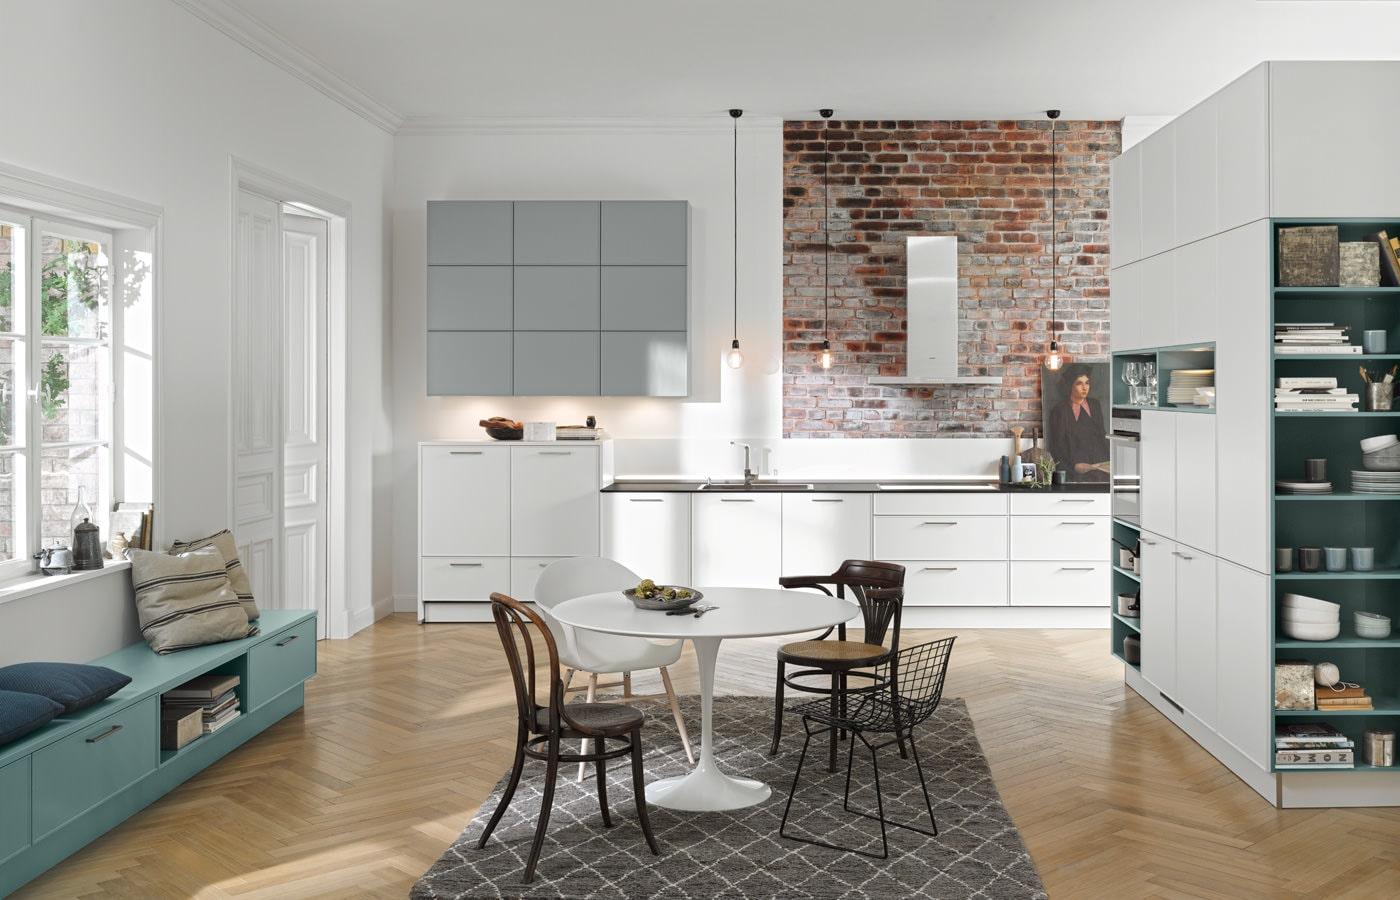 Keuken op maat met ruimte